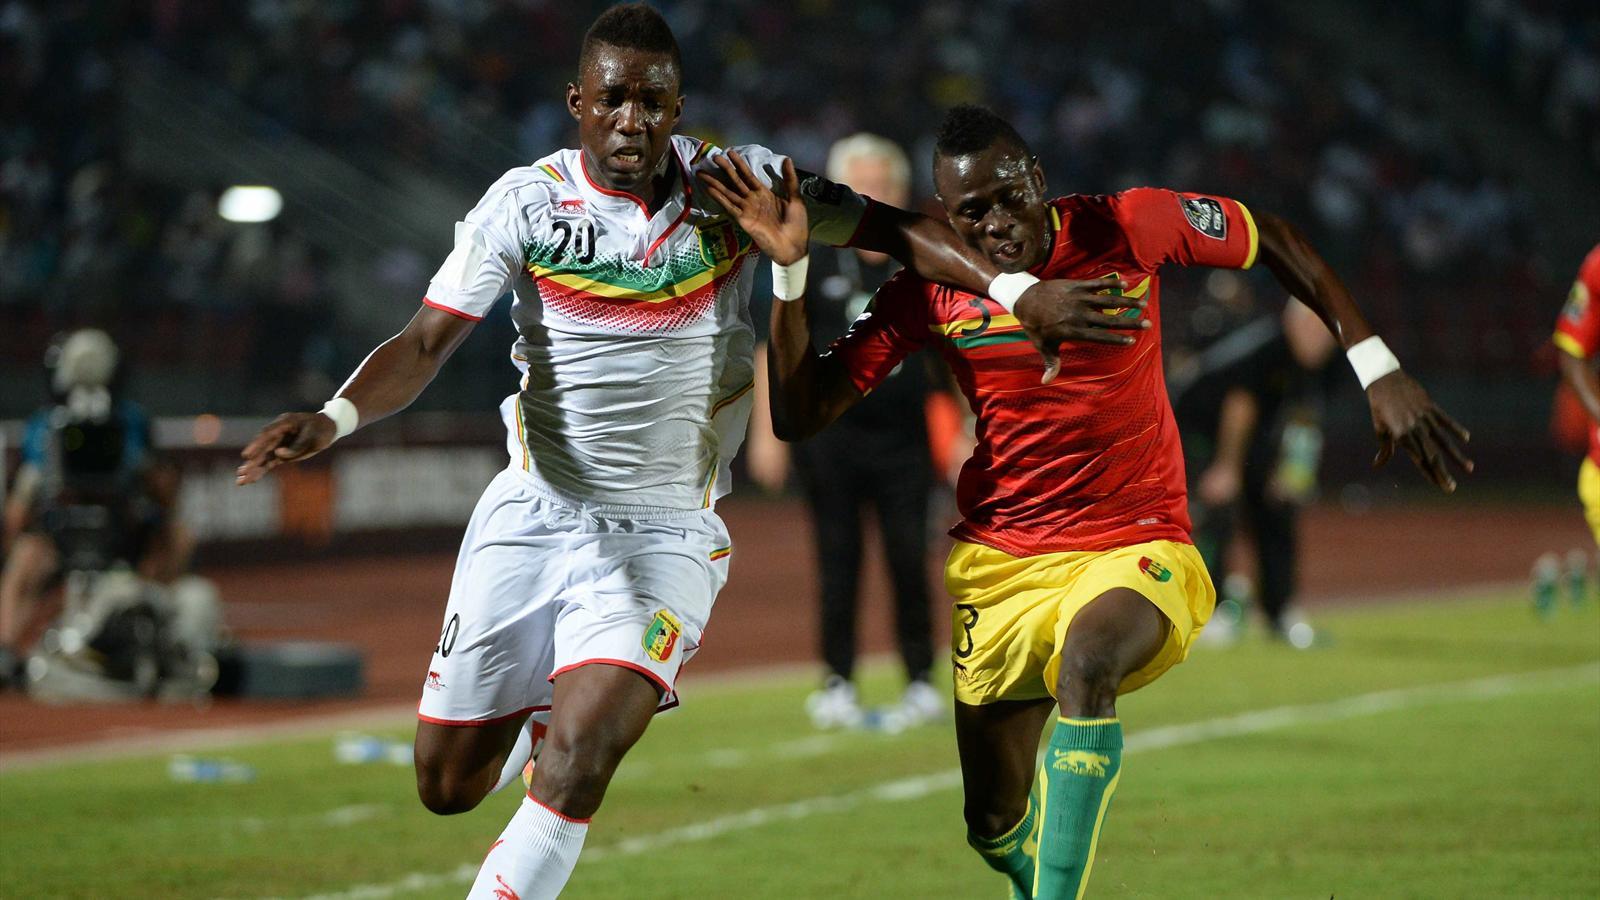 En direct live guin e mali coupe d 39 afrique des nations 28 janvier 2015 eurosport - Regarder coupe d afrique en direct ...